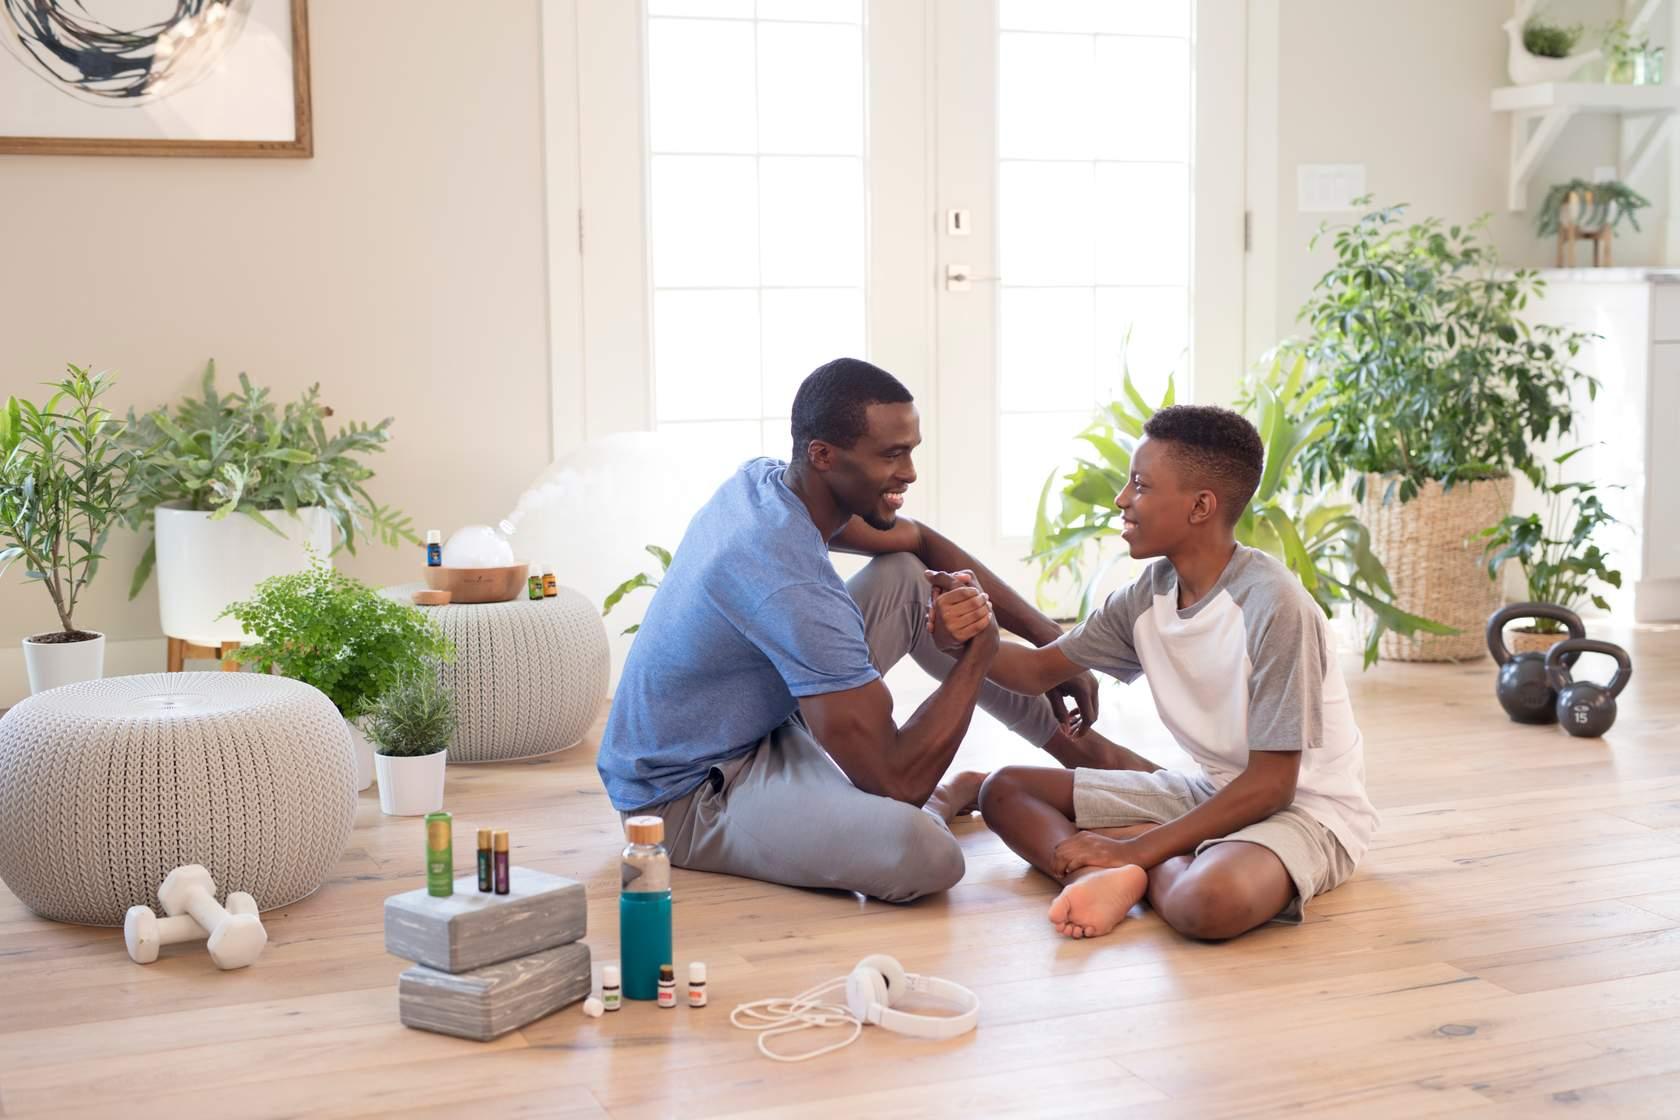 Padre e hijo haciendo ejercicio